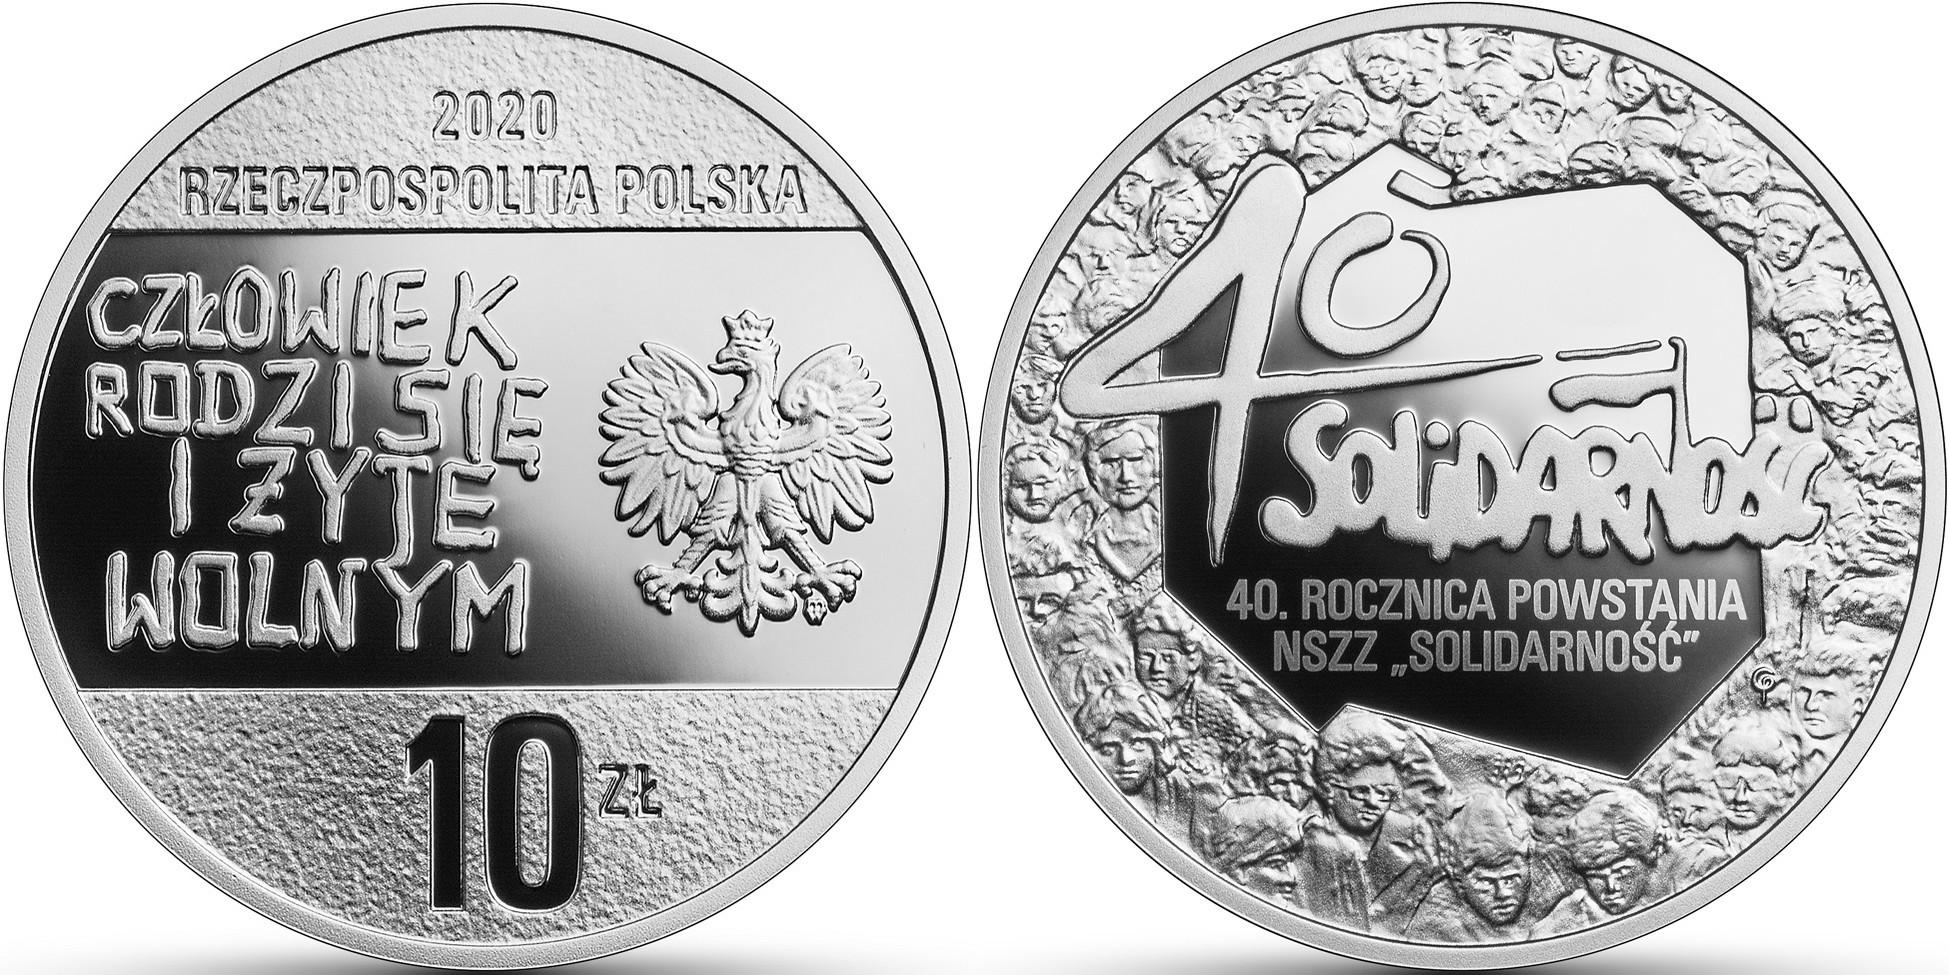 pologne-2020-40-ans-de-solidarnosc